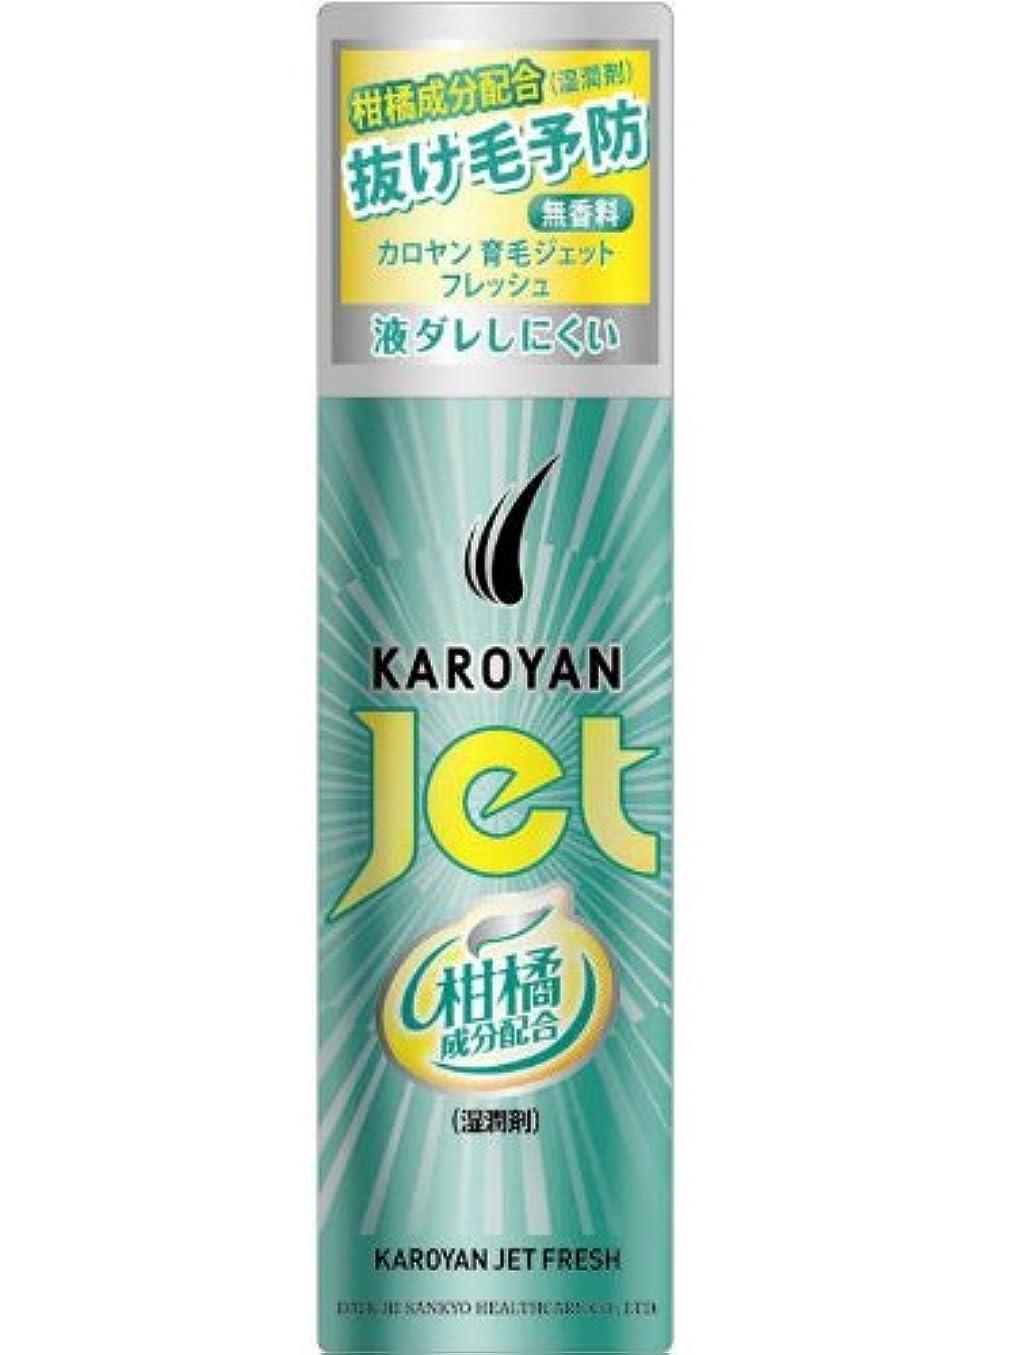 希少性嫌い実証するカロヤン ジェット 無香料フレッシュ 185g 【医薬部外品】